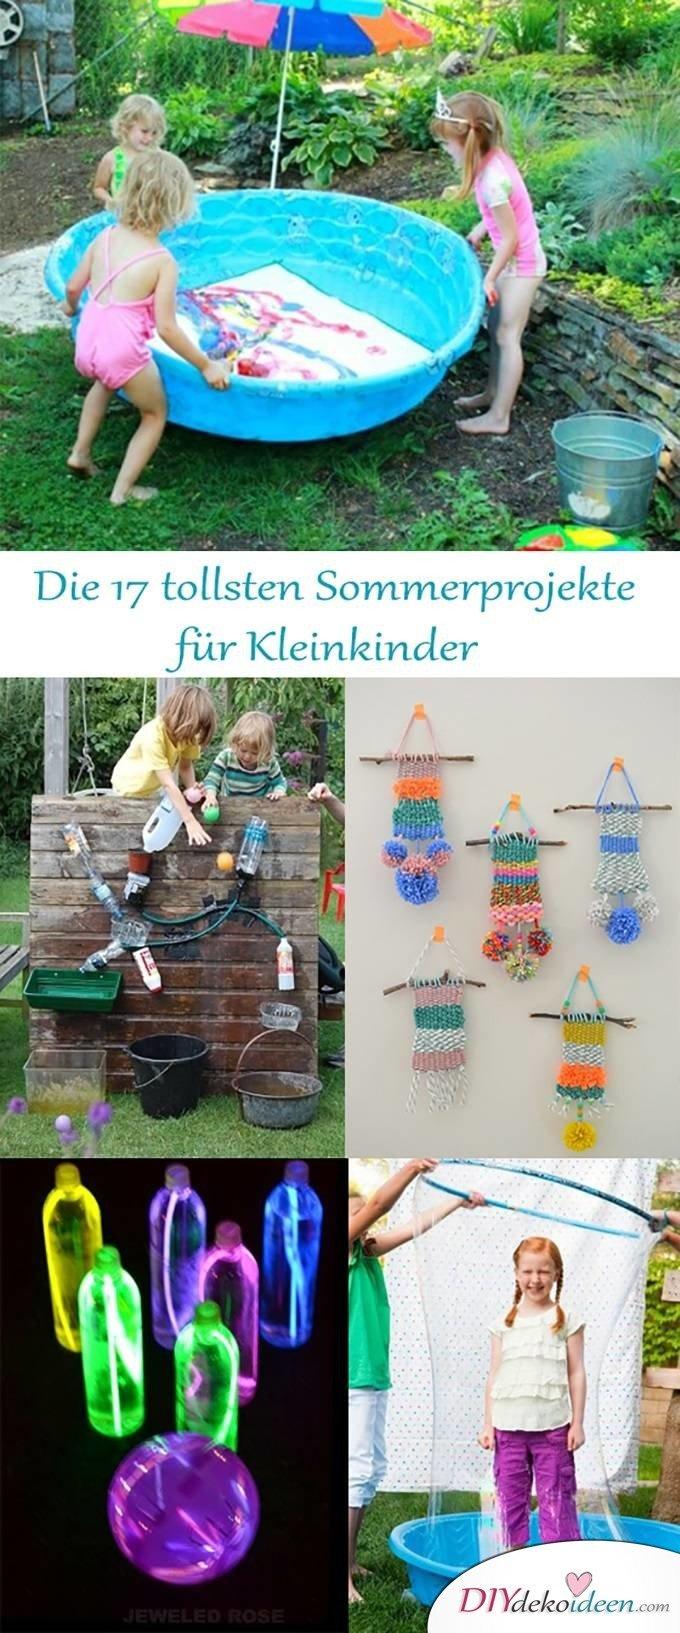 Das Sind Die 17 Tollsten Sommerprojekte Zum Basteln Mit Kleinkindern